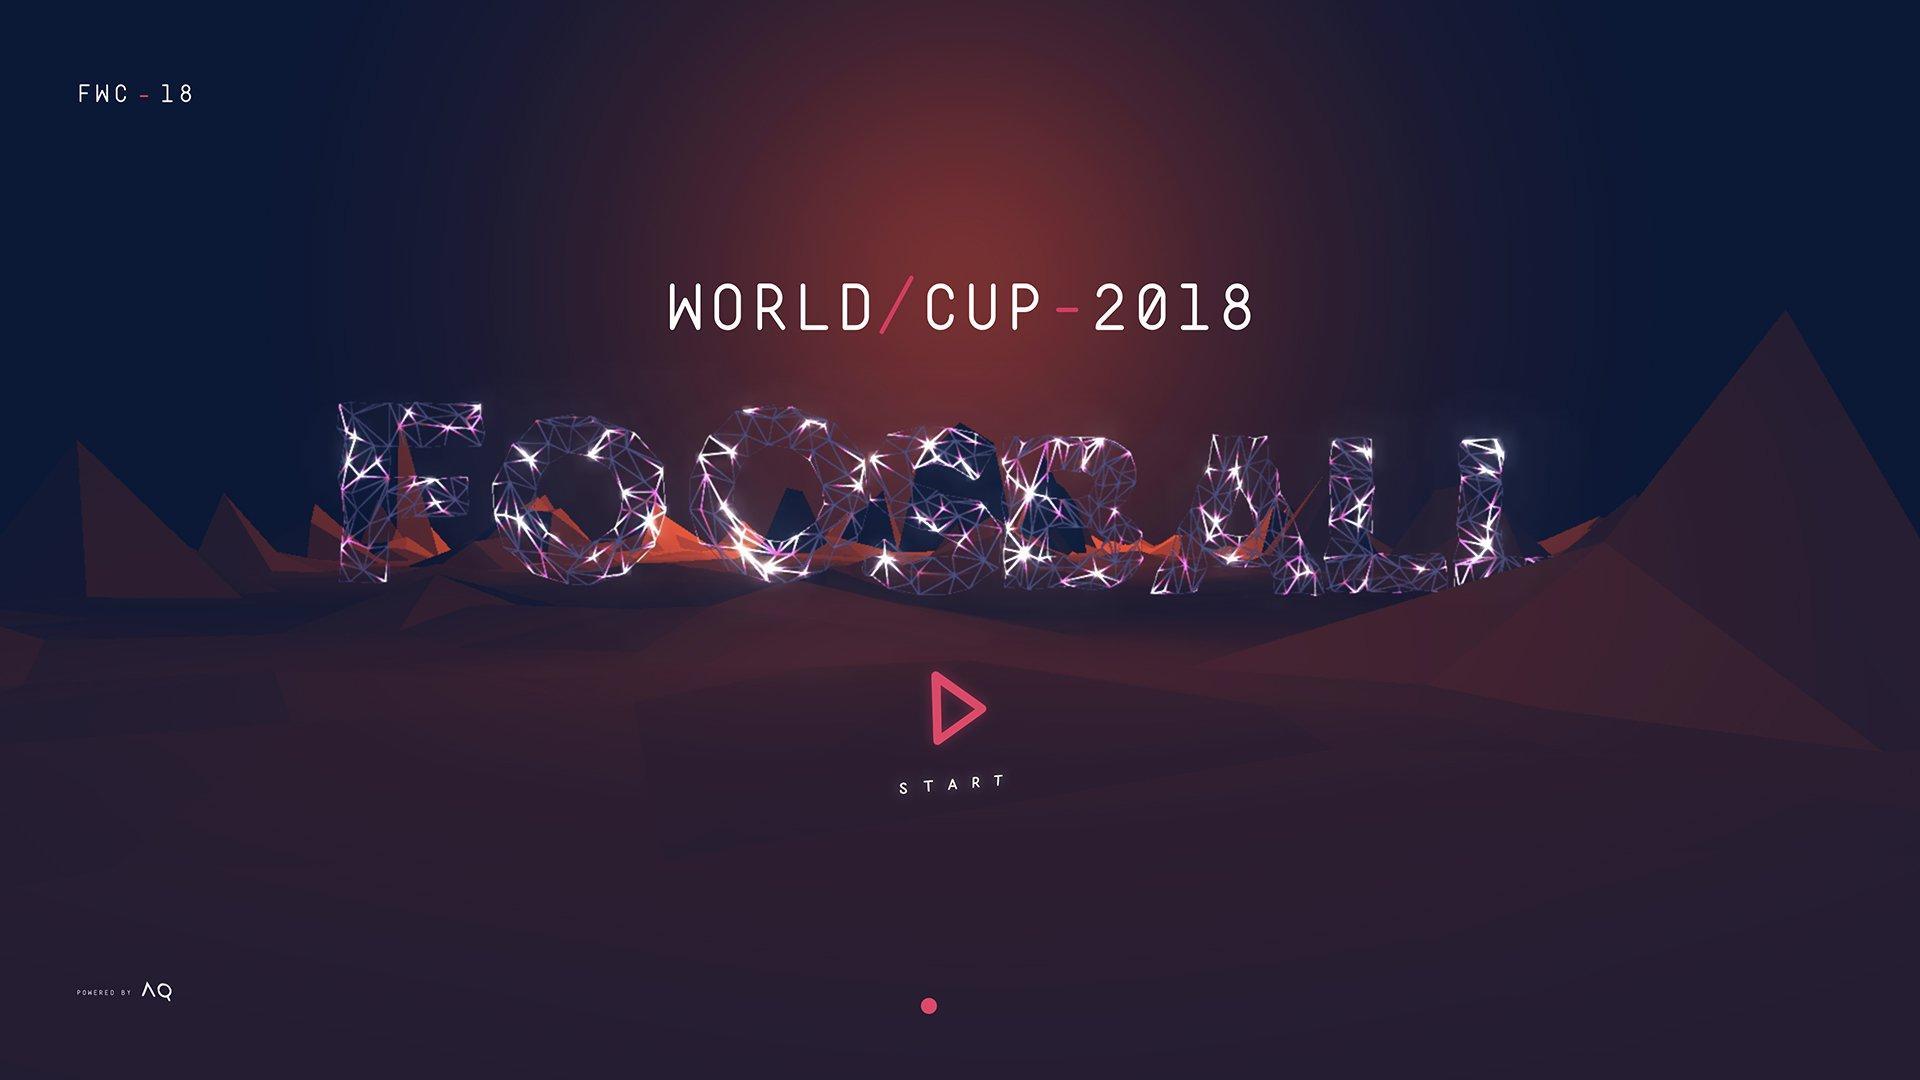 Le cinque campagne dalla FIFA World Cup 2018 che ci sono piaciute di più